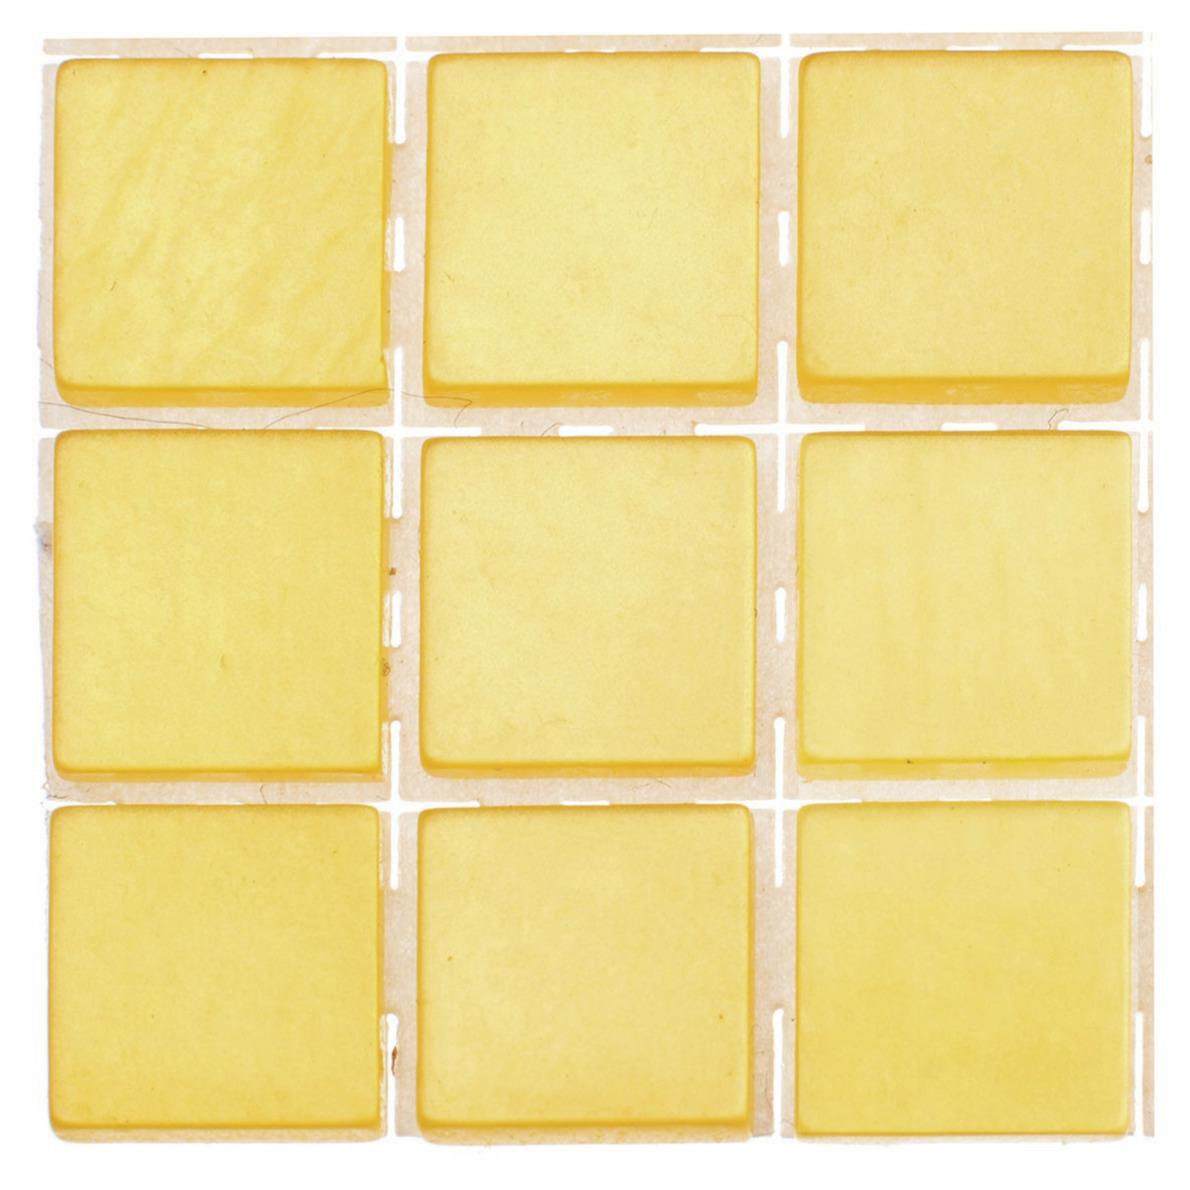 63x stuks mozaieken maken steentjes-tegels kleur geel 10 x 10 x 2 mm